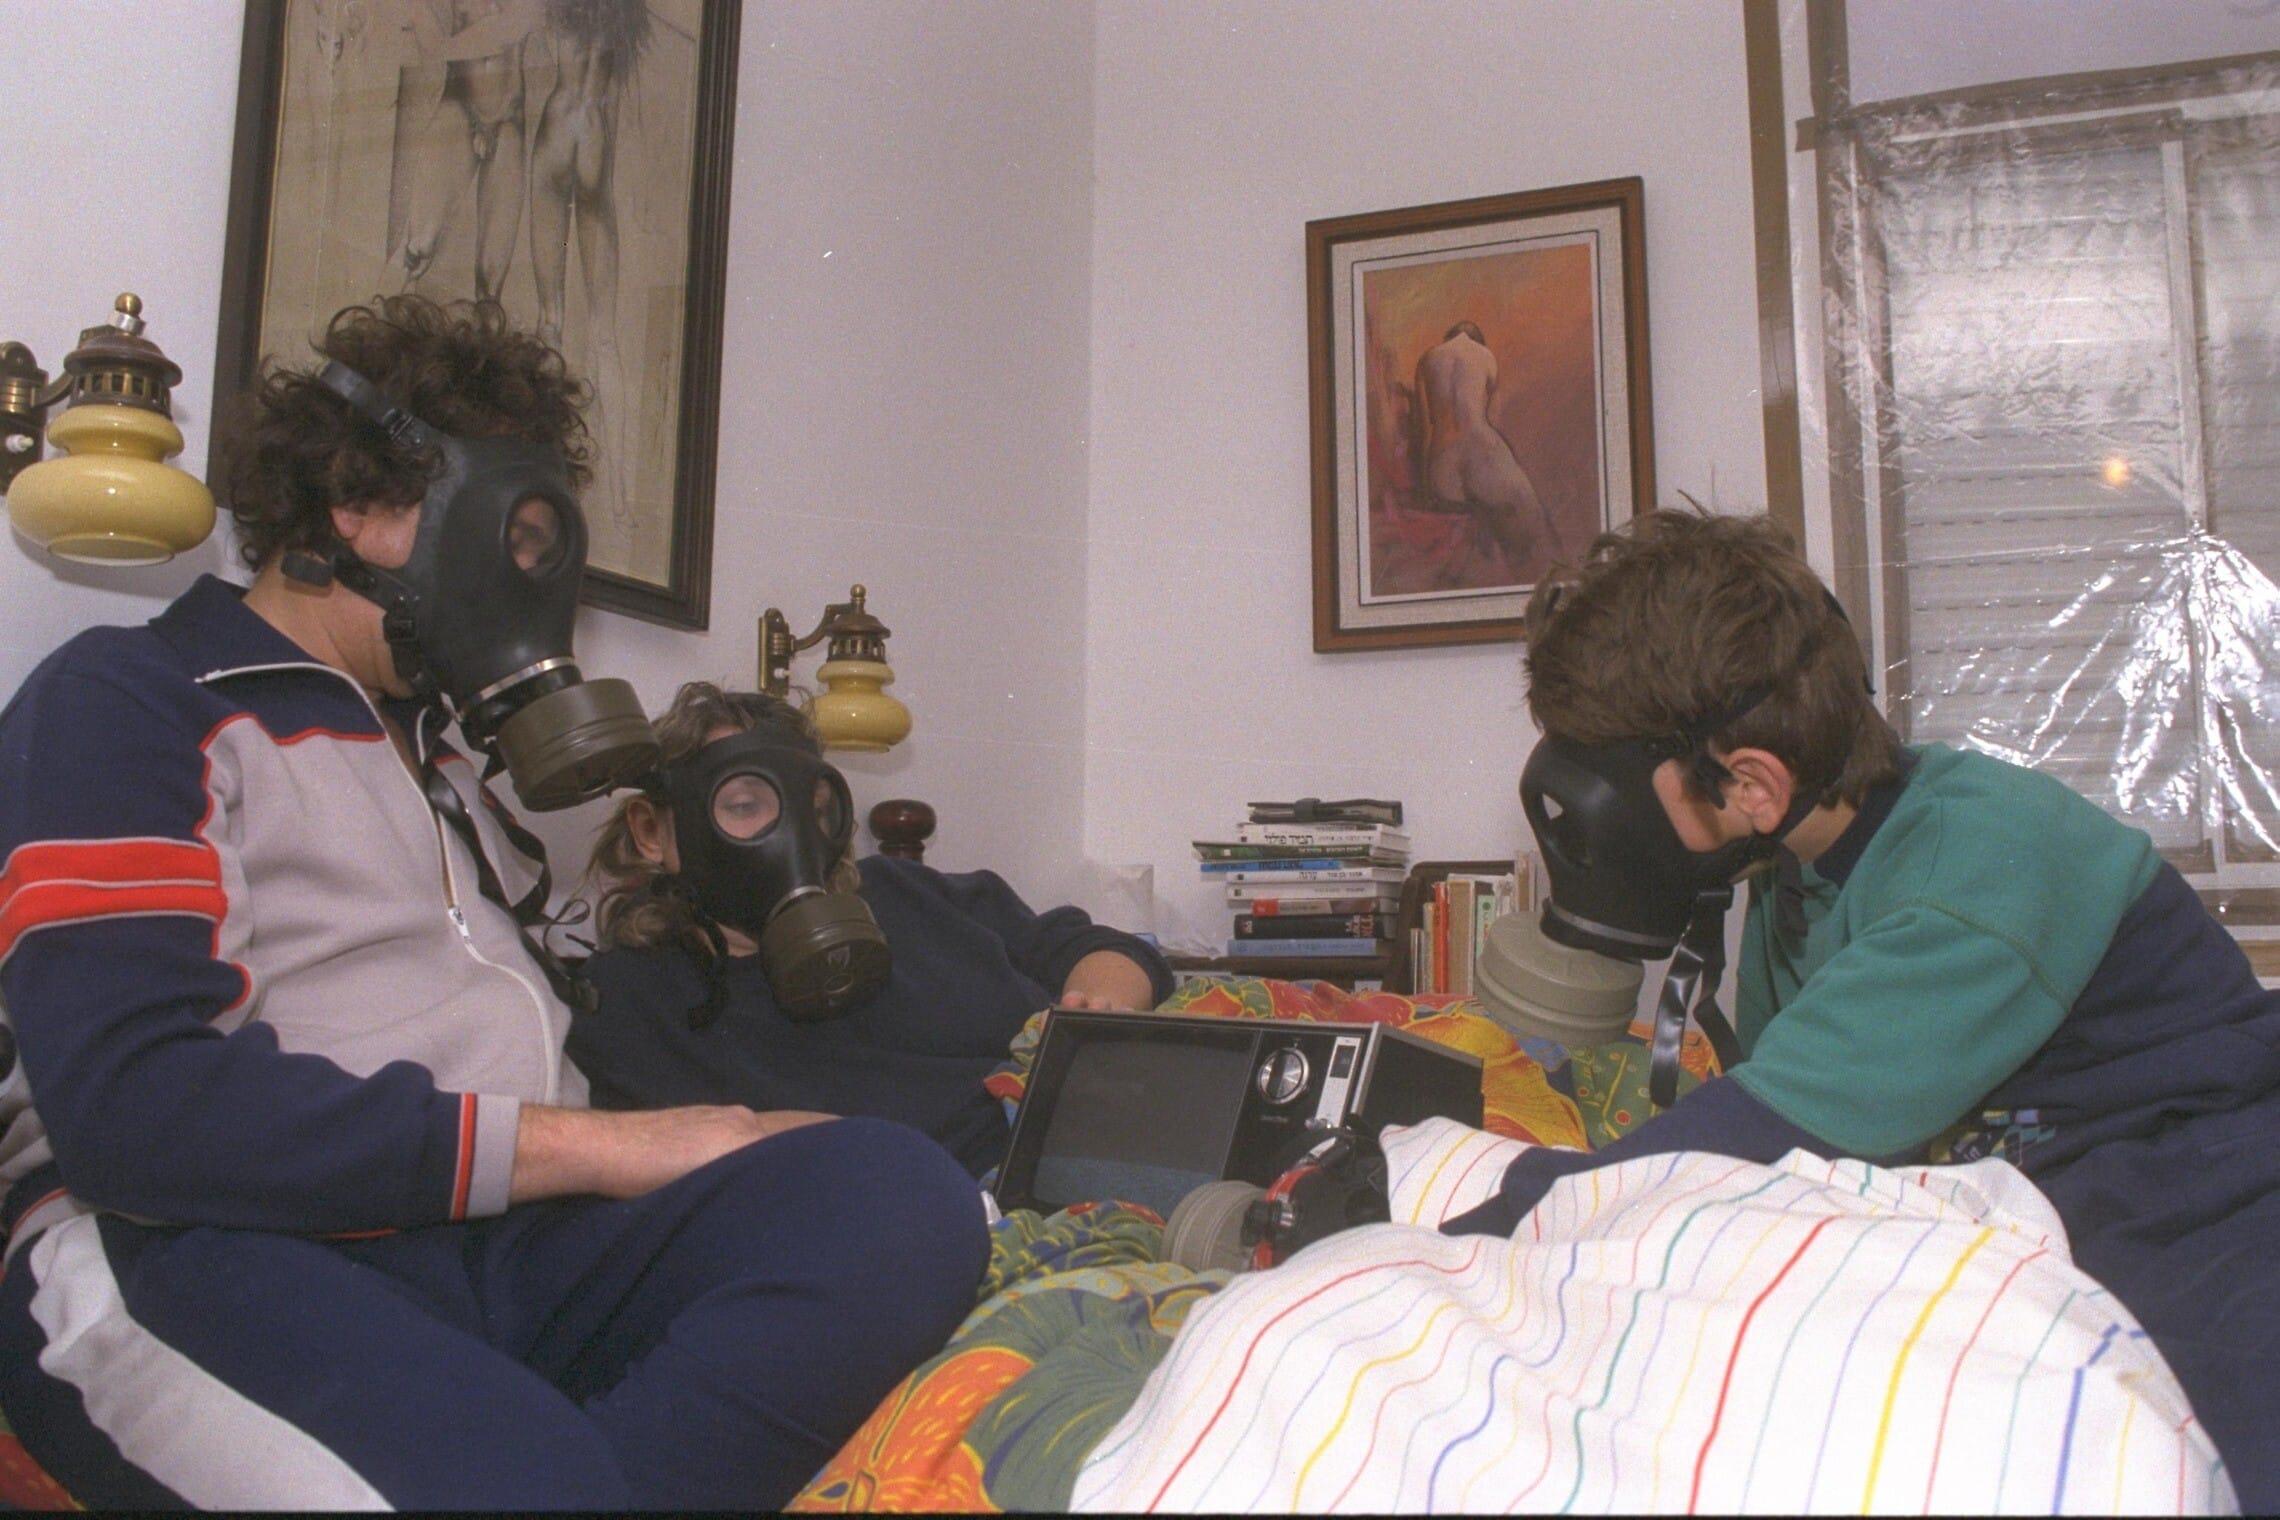 """בני משפחת גור מירושלים בחדר האטום, לאחר שמיעת אזעקת החירום בלילה הראשון של מלחמת המפרץ (צילום: יעקב סער/לע""""מ)"""